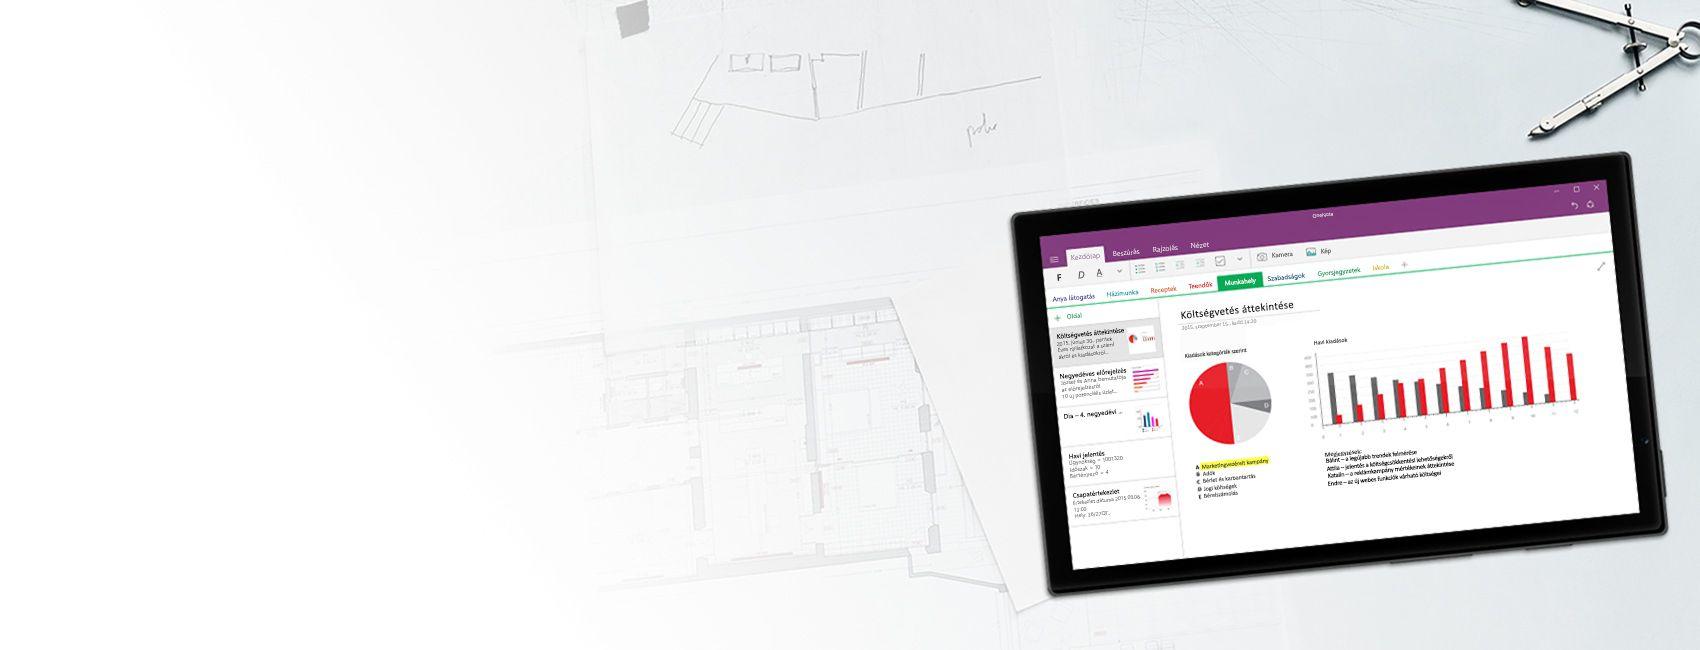 Windows-táblagép, melynek a képernyőjén egy OneNote-jegyzetfüzet látható költségvetési diagramokkal